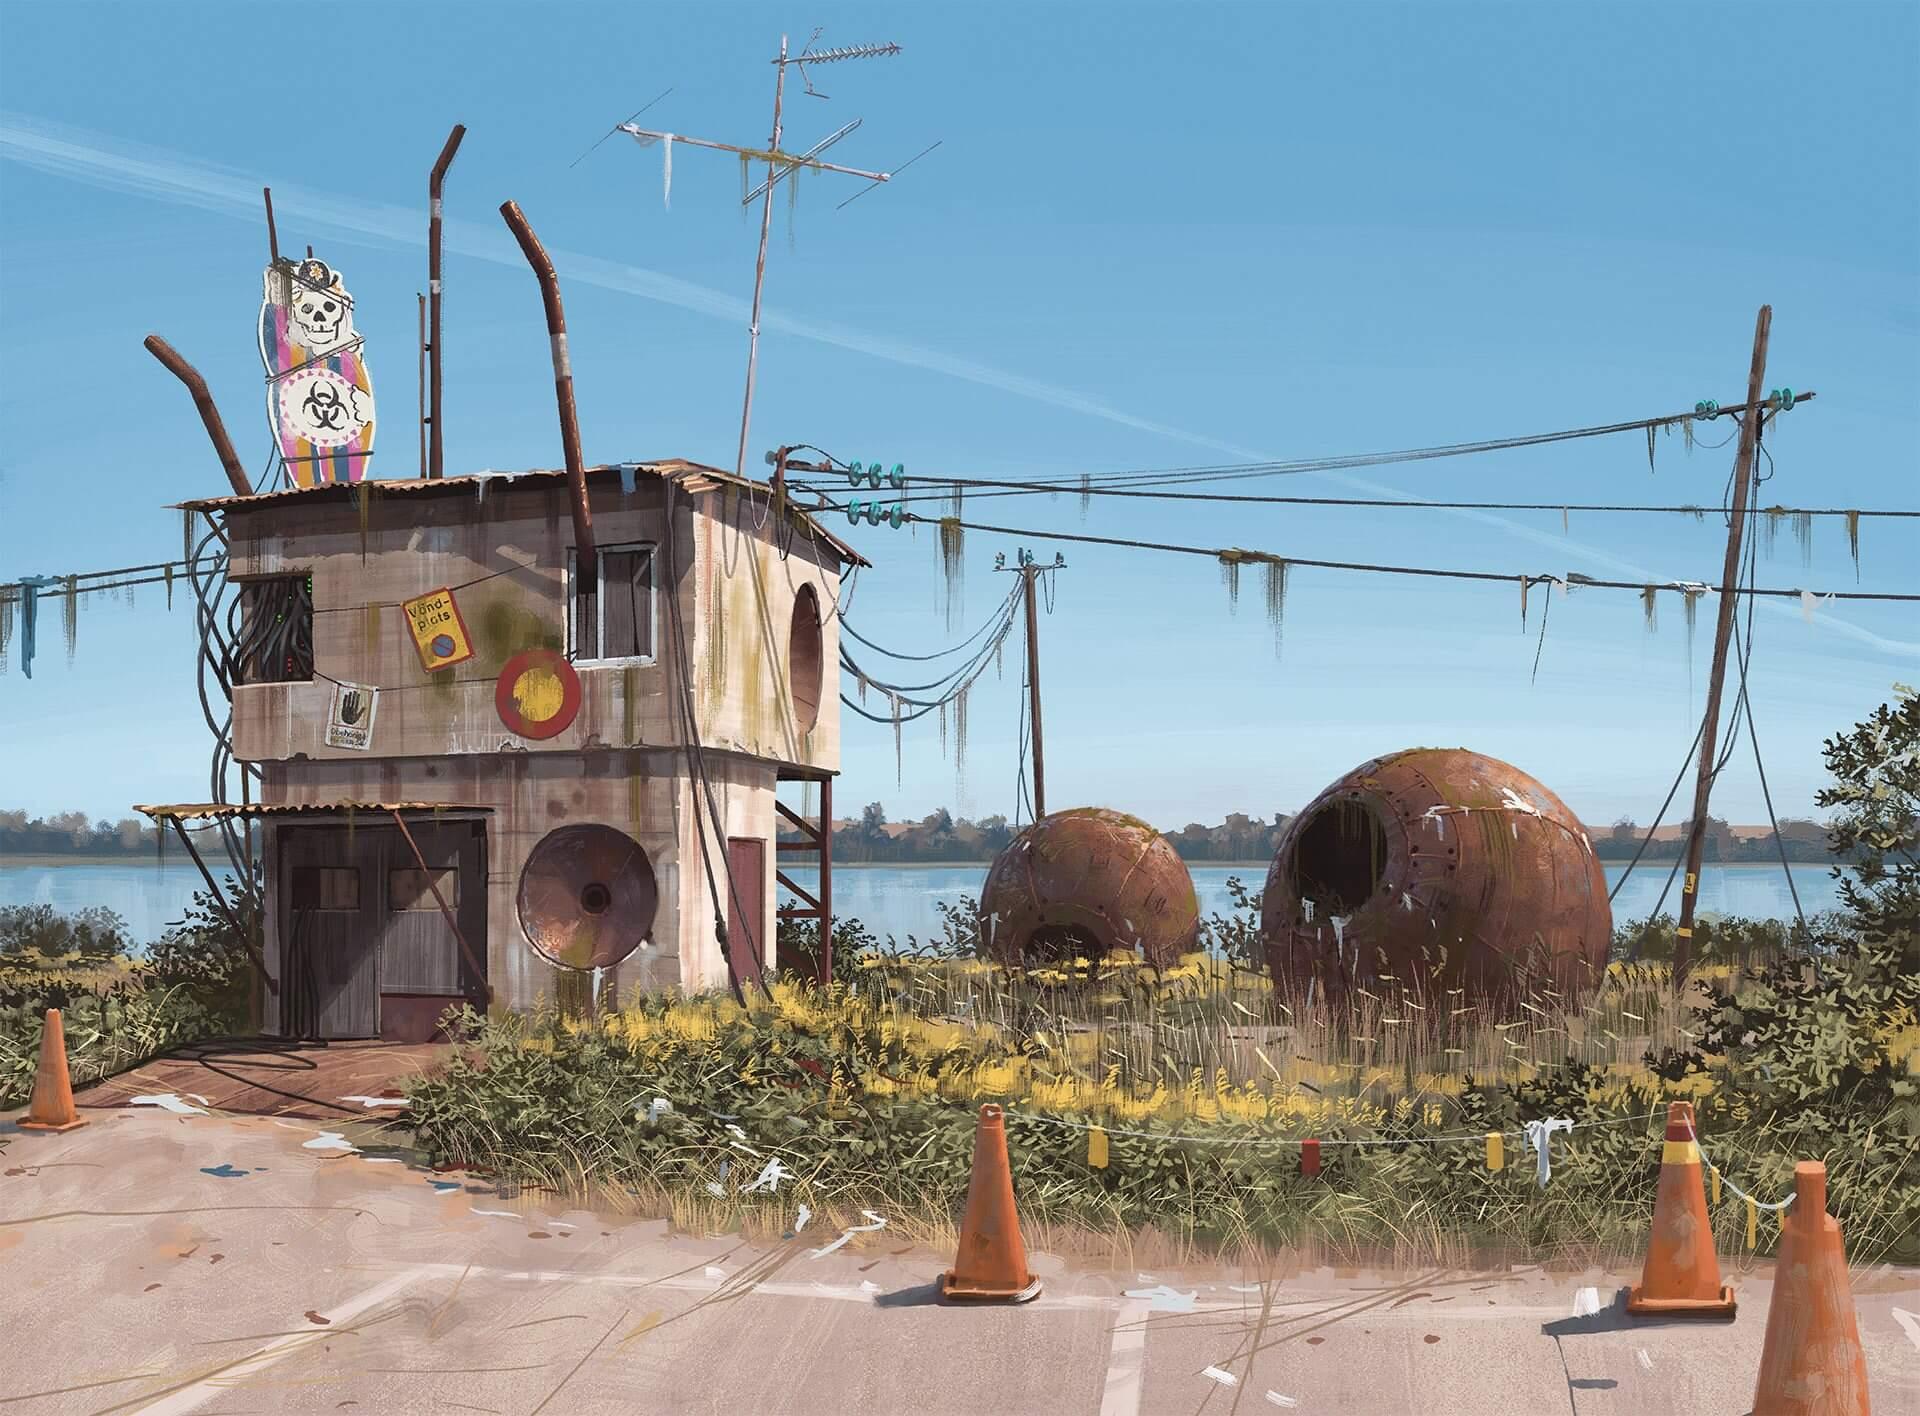 SURREAL: artista sueco cria paisagens futurísticas impressionantes 7